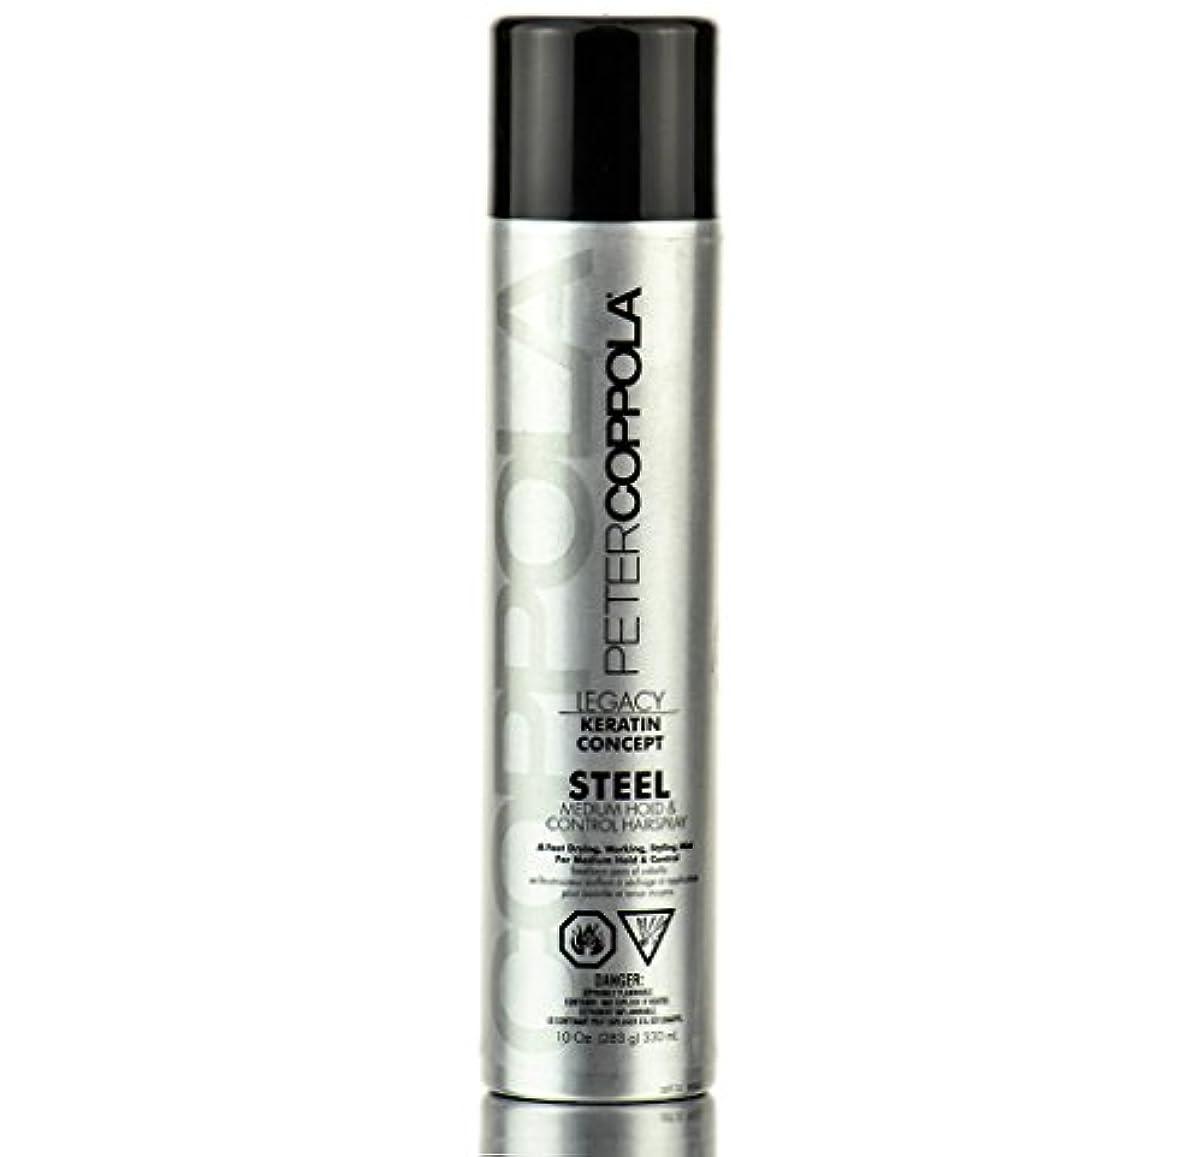 米ドルオプショナル防腐剤Peter Coppola スチールヘアスプレー - 軽量、ミディアムホールド、柔軟なホールドは、スタイリングヘアボリューム&スタイリングのすべての髪のタイプを追加するための10オンスミディアムシャインスプレー medium_hold